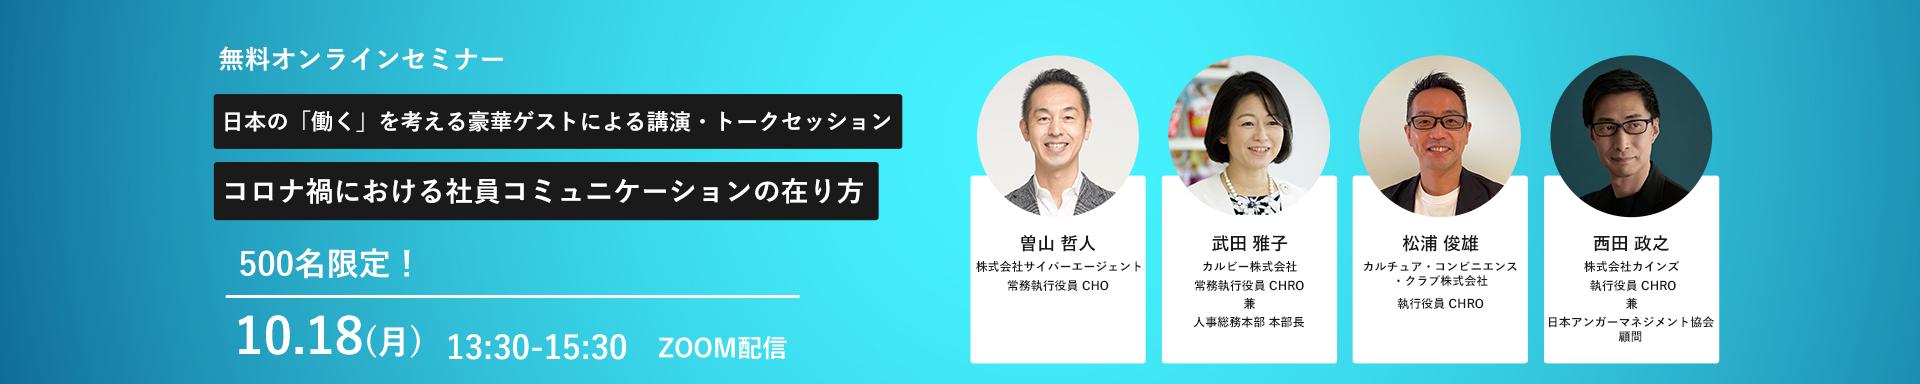 日本の「働く」を考える豪華ゲストによる講演・トークセッション